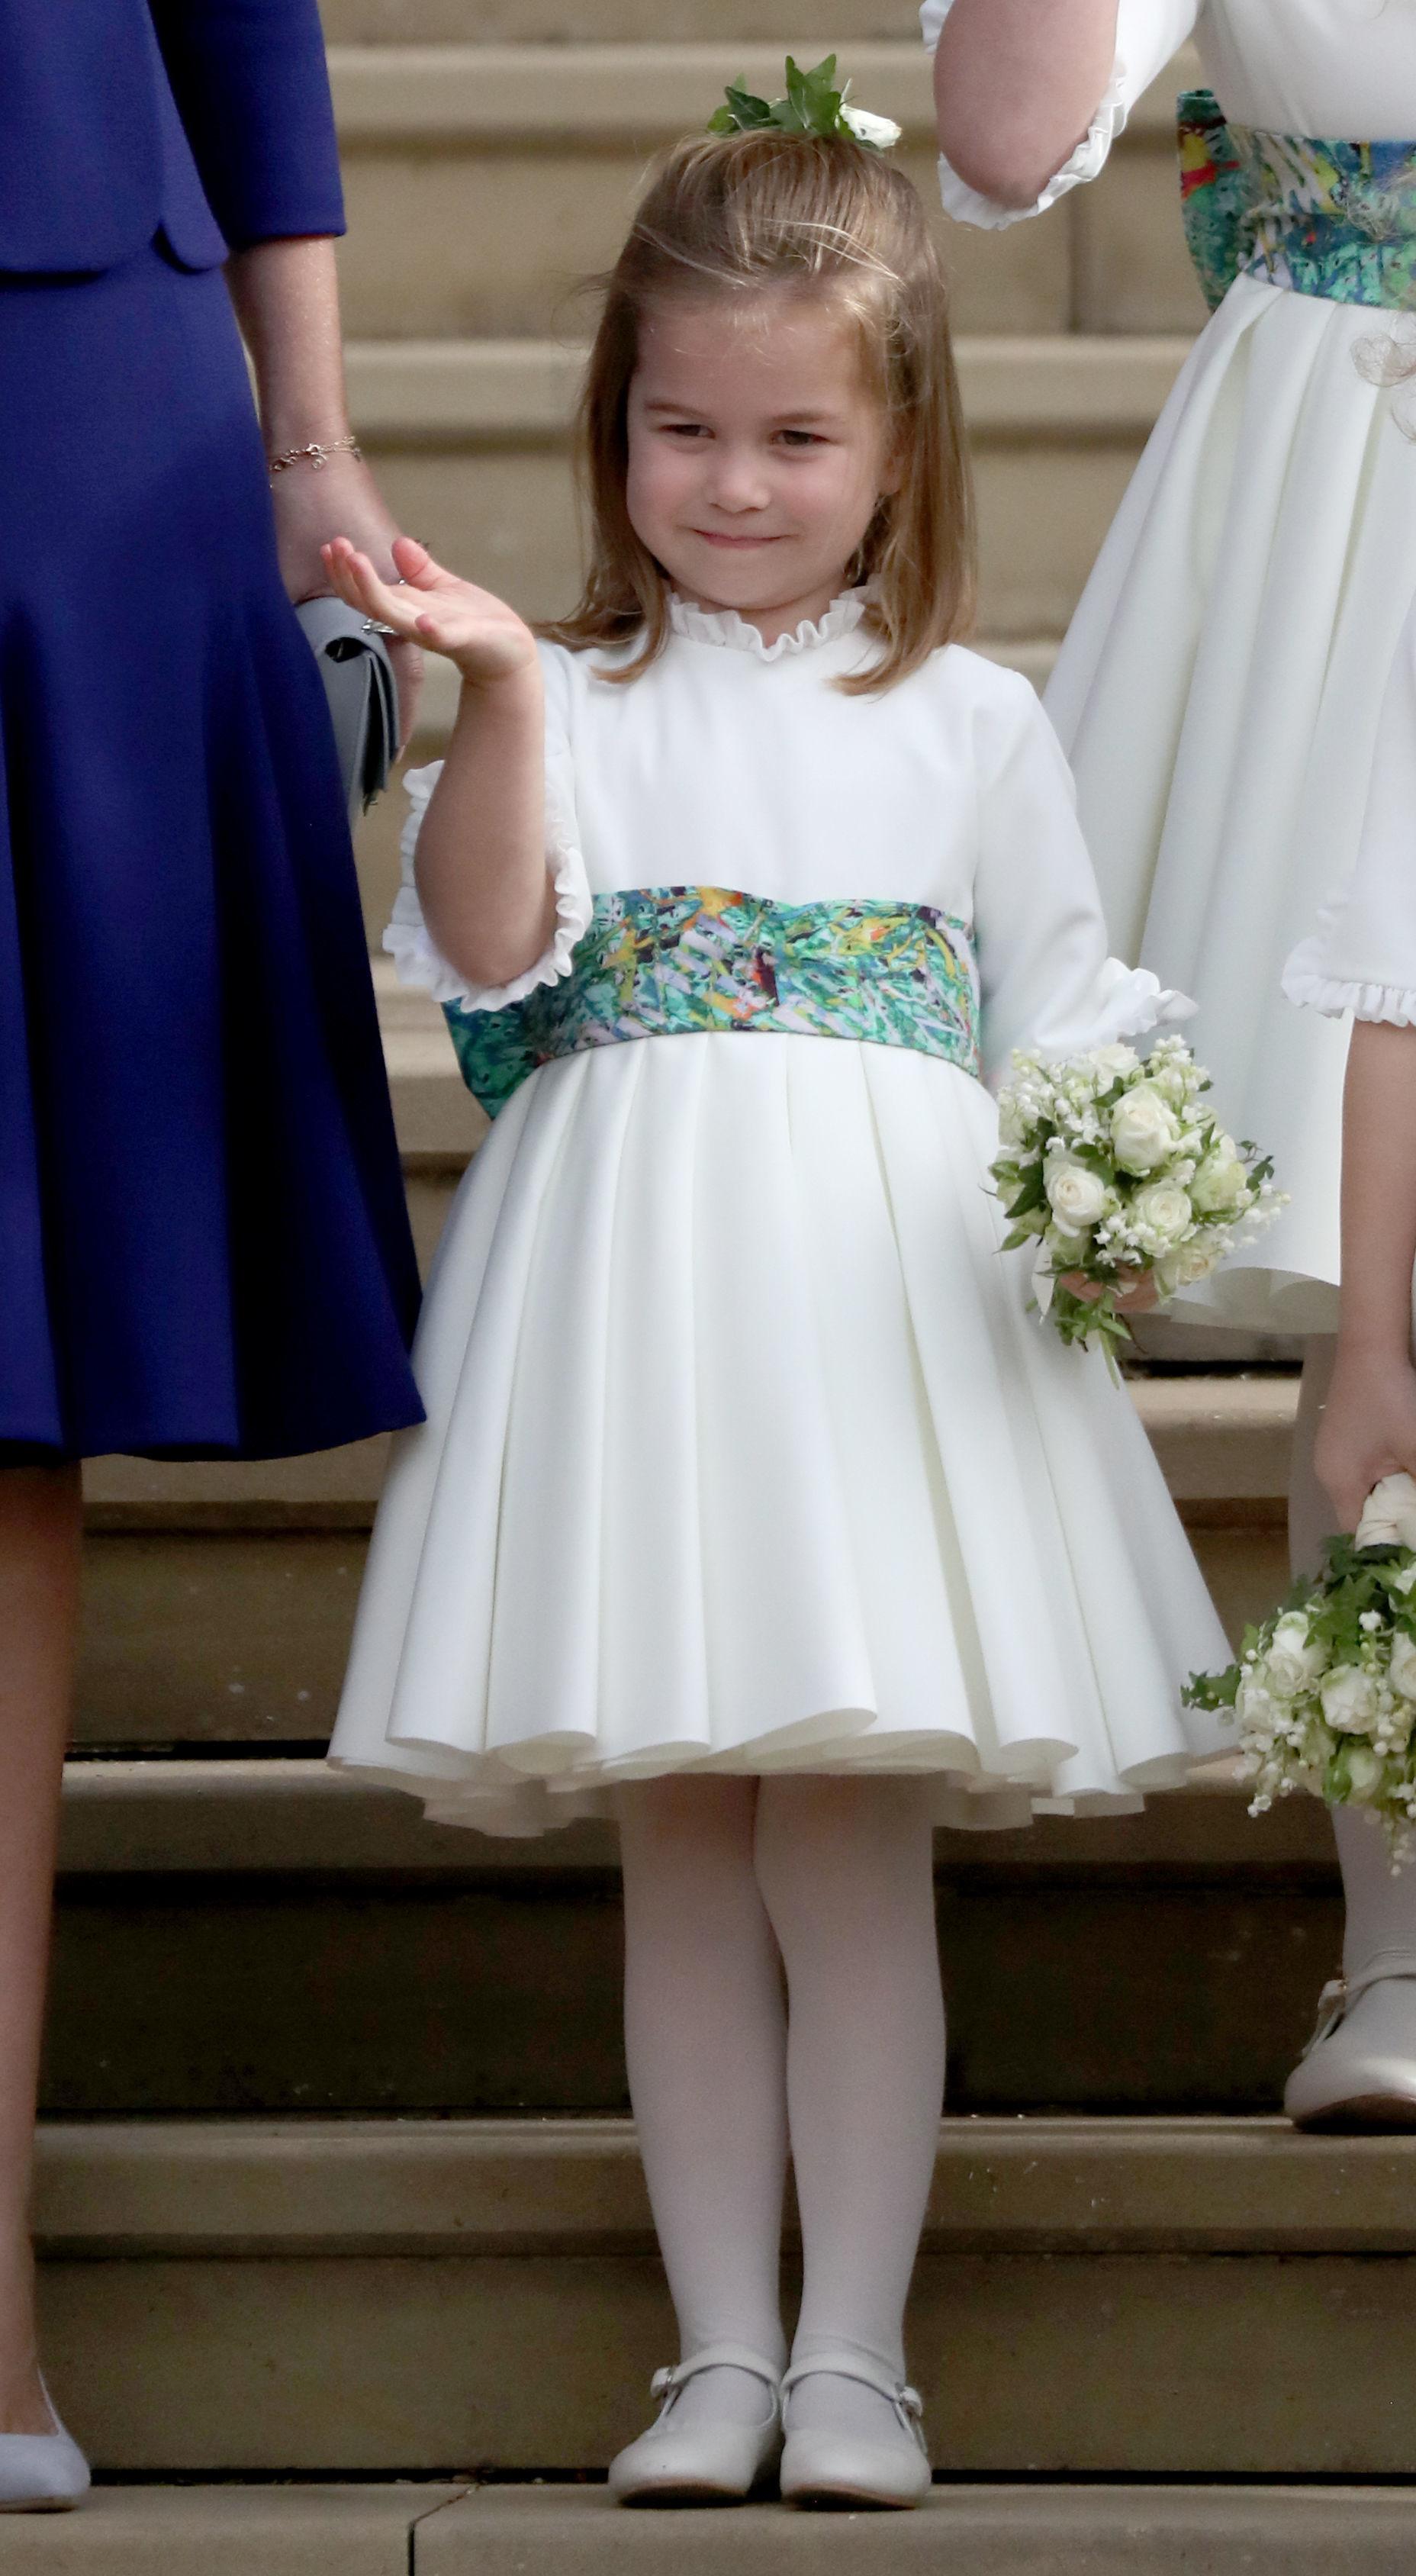 Шарлот е четвърта в списъка за унаследяване на британската корона след дядо си принц Чарлз, баща си принц Уилям и брат си принц Джордж, който е на 5 годинки.